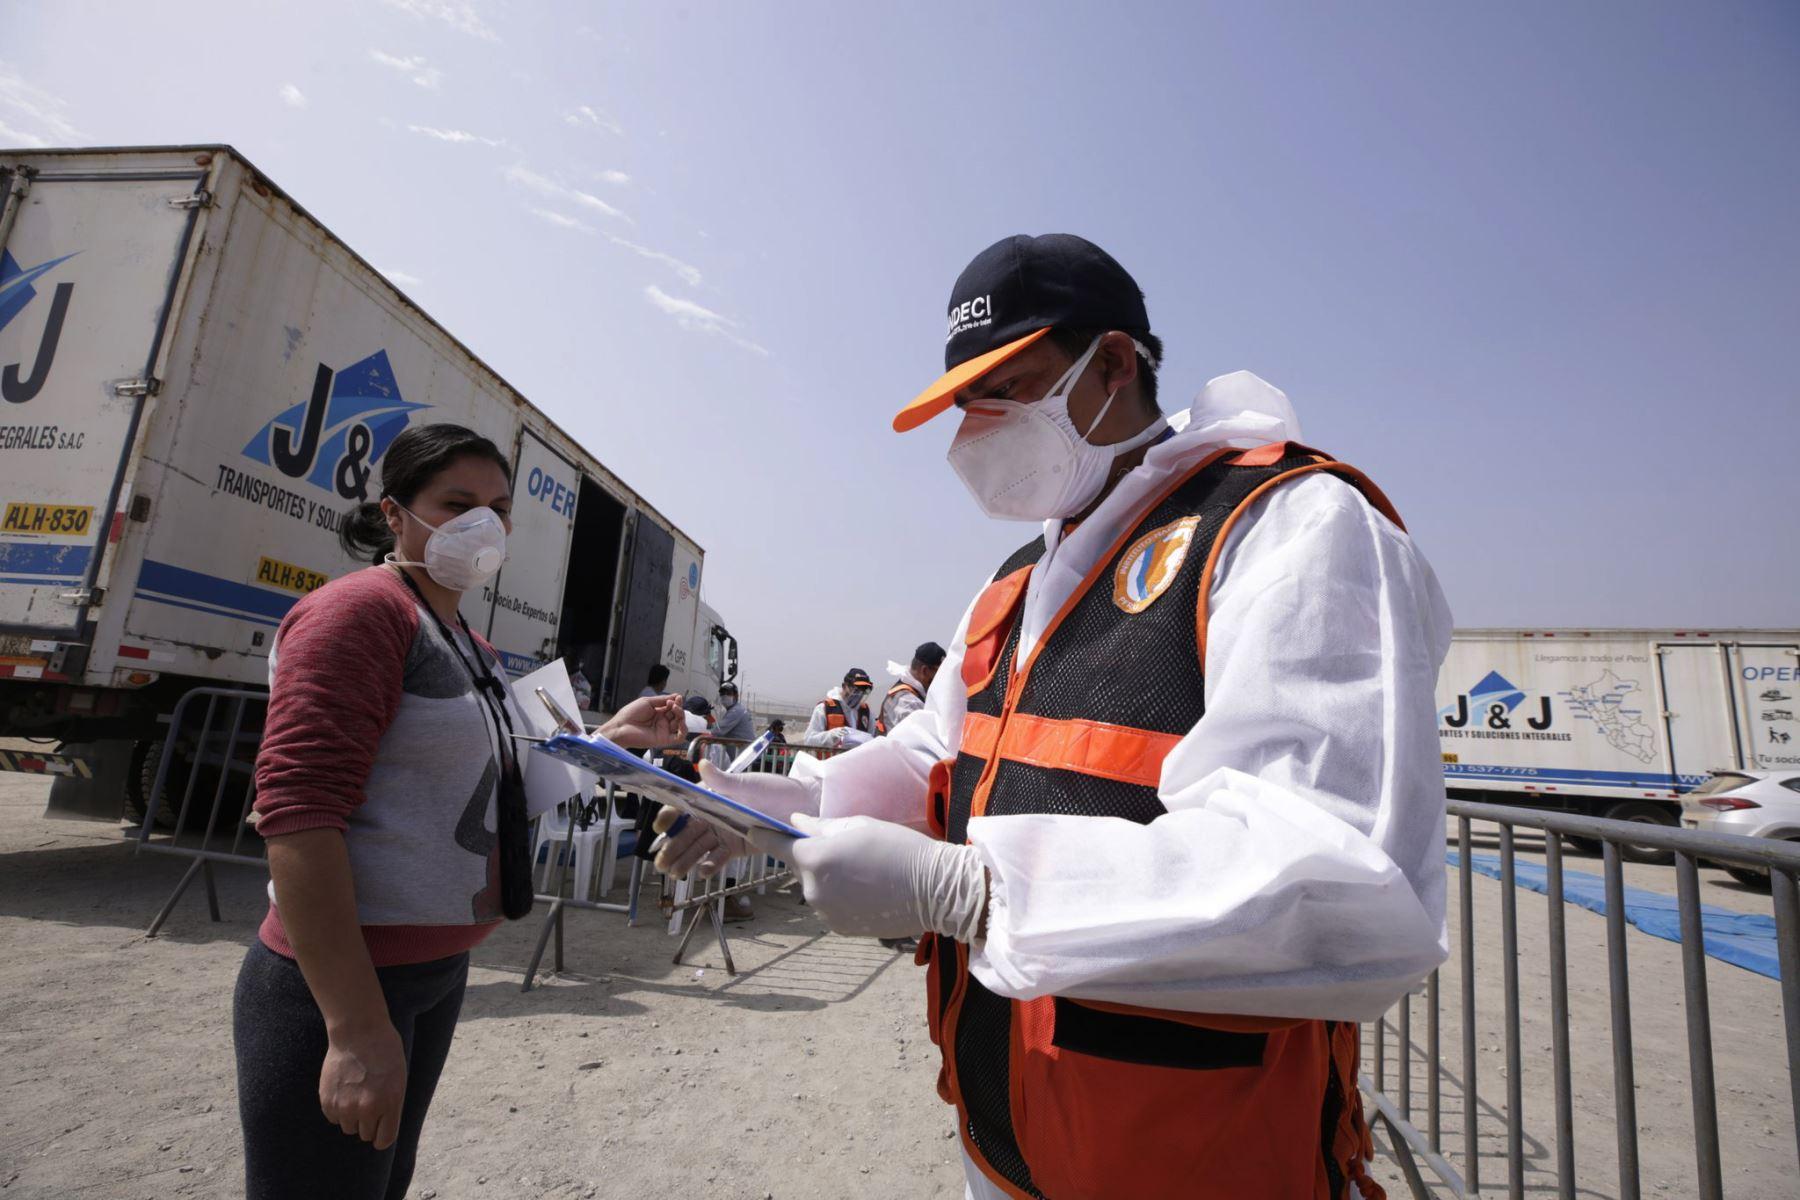 Presidencia del Consejo de Ministros  continúa  con la entrega de kits de alimentación a las familias vulnerables de las zonas La Hoyada y El Hueco en Manchay, ubicadas en el distrito de Pachacamac.